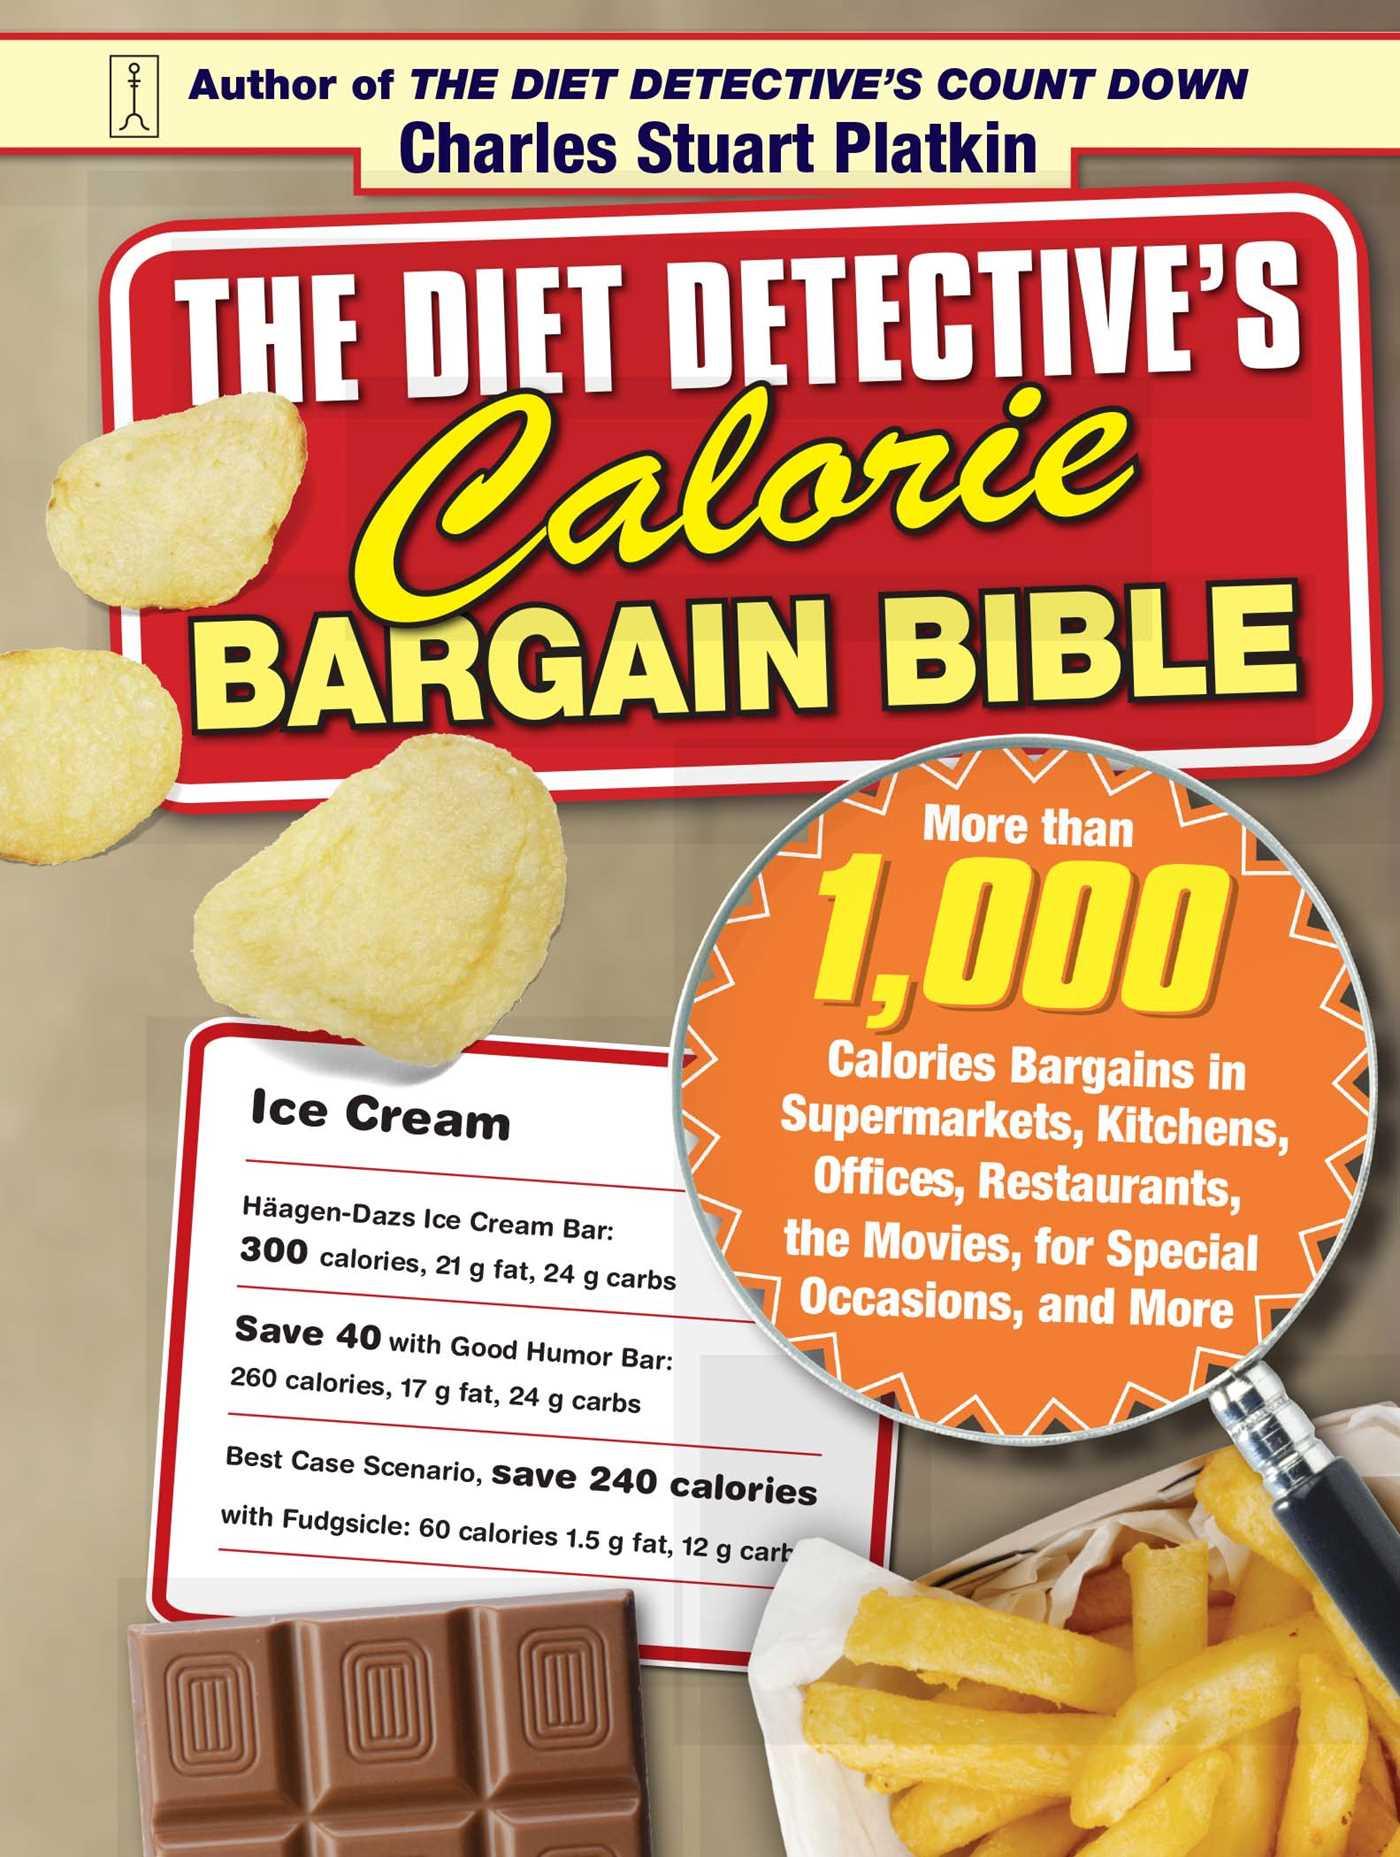 The diet detectives calorie bargain bible 9781416551225 hr